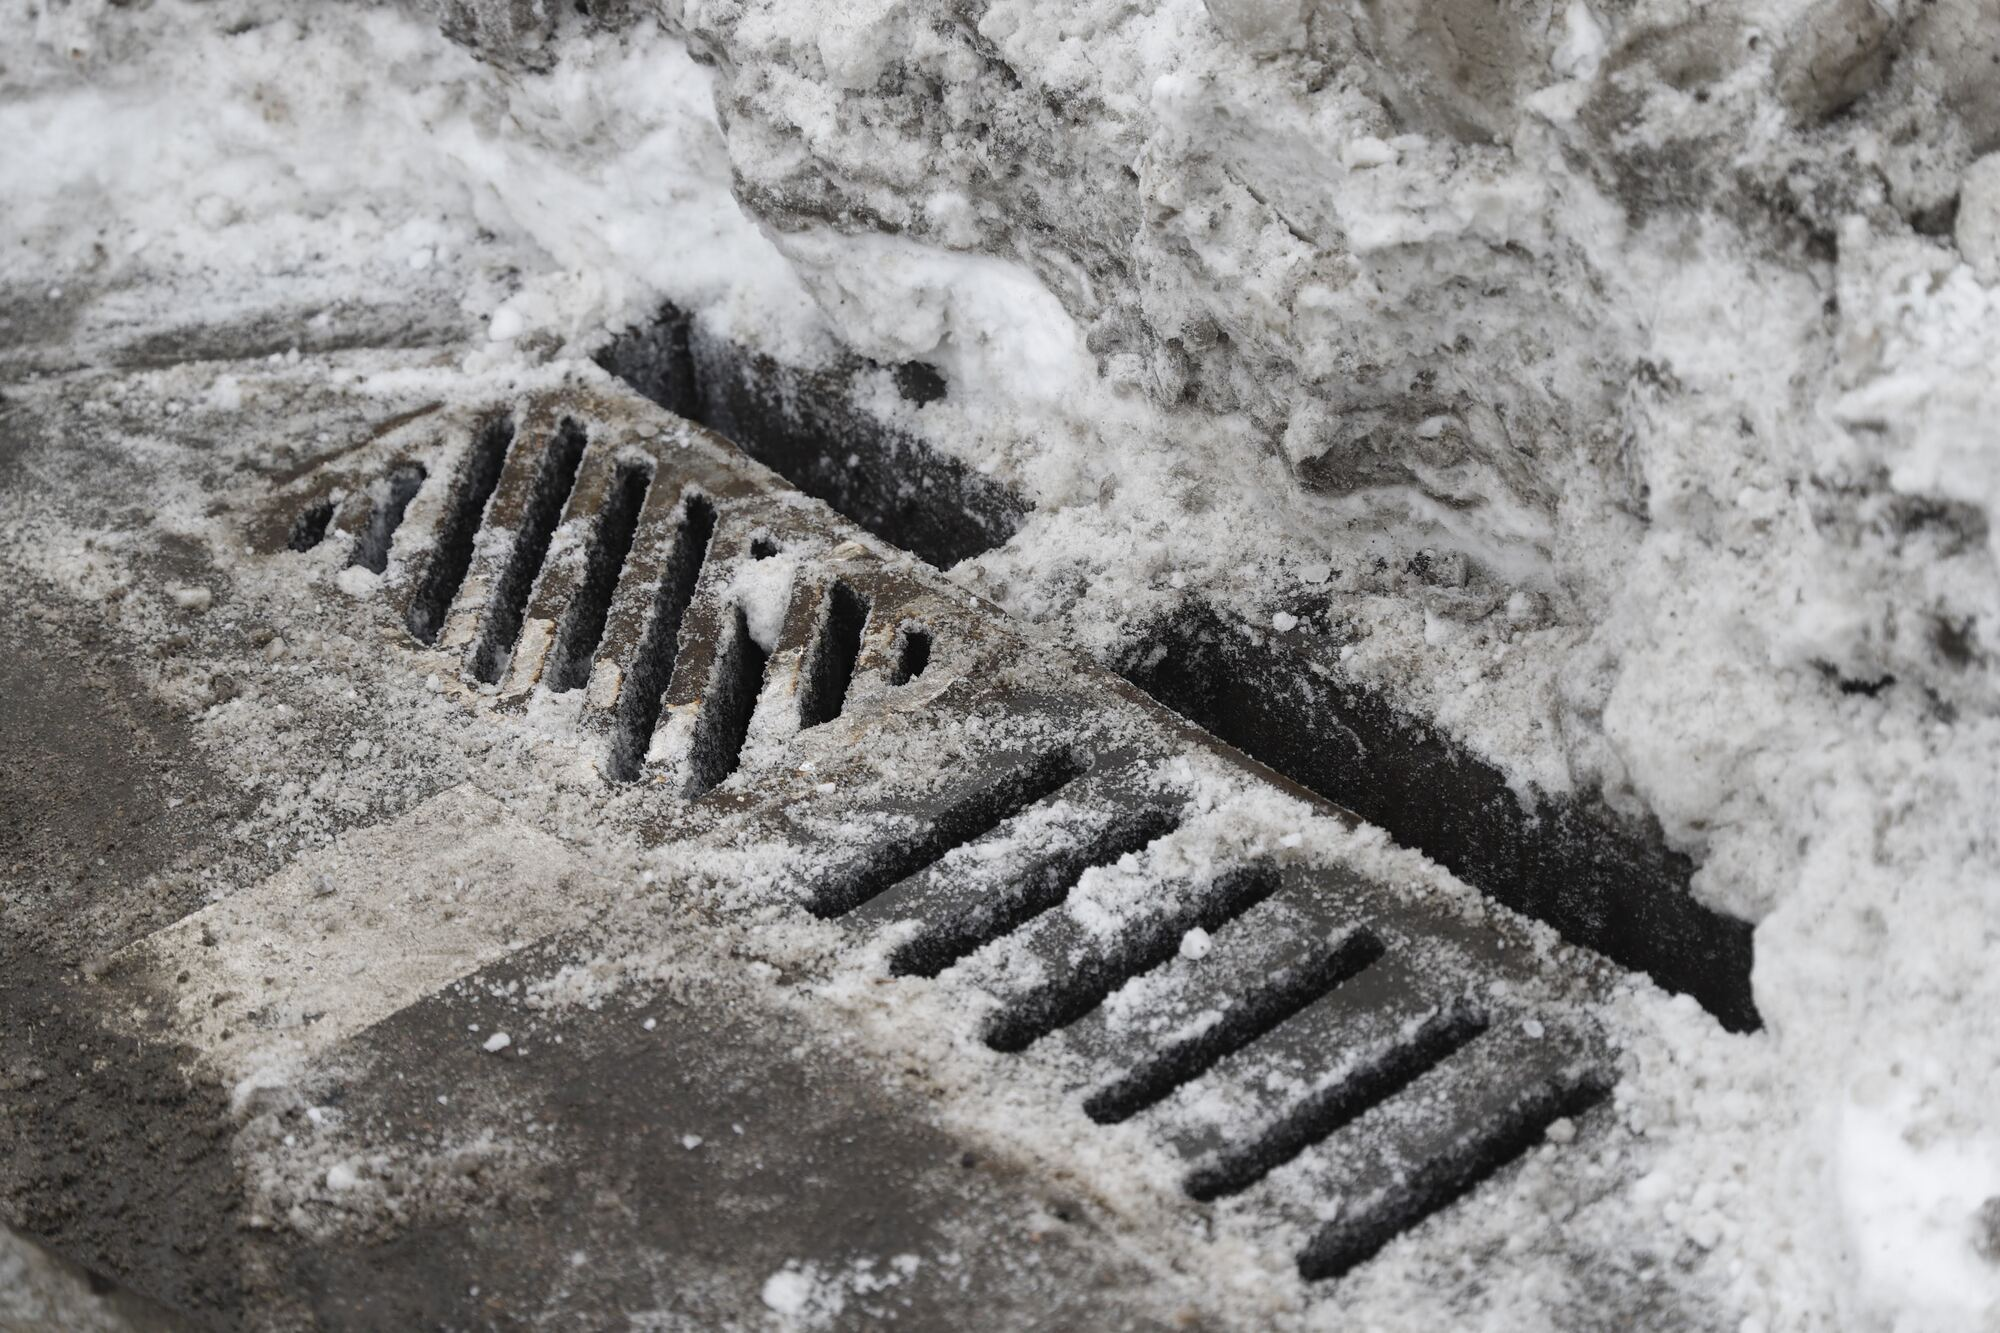 Вода сможет быстро стекать, а не оставаться на дороге